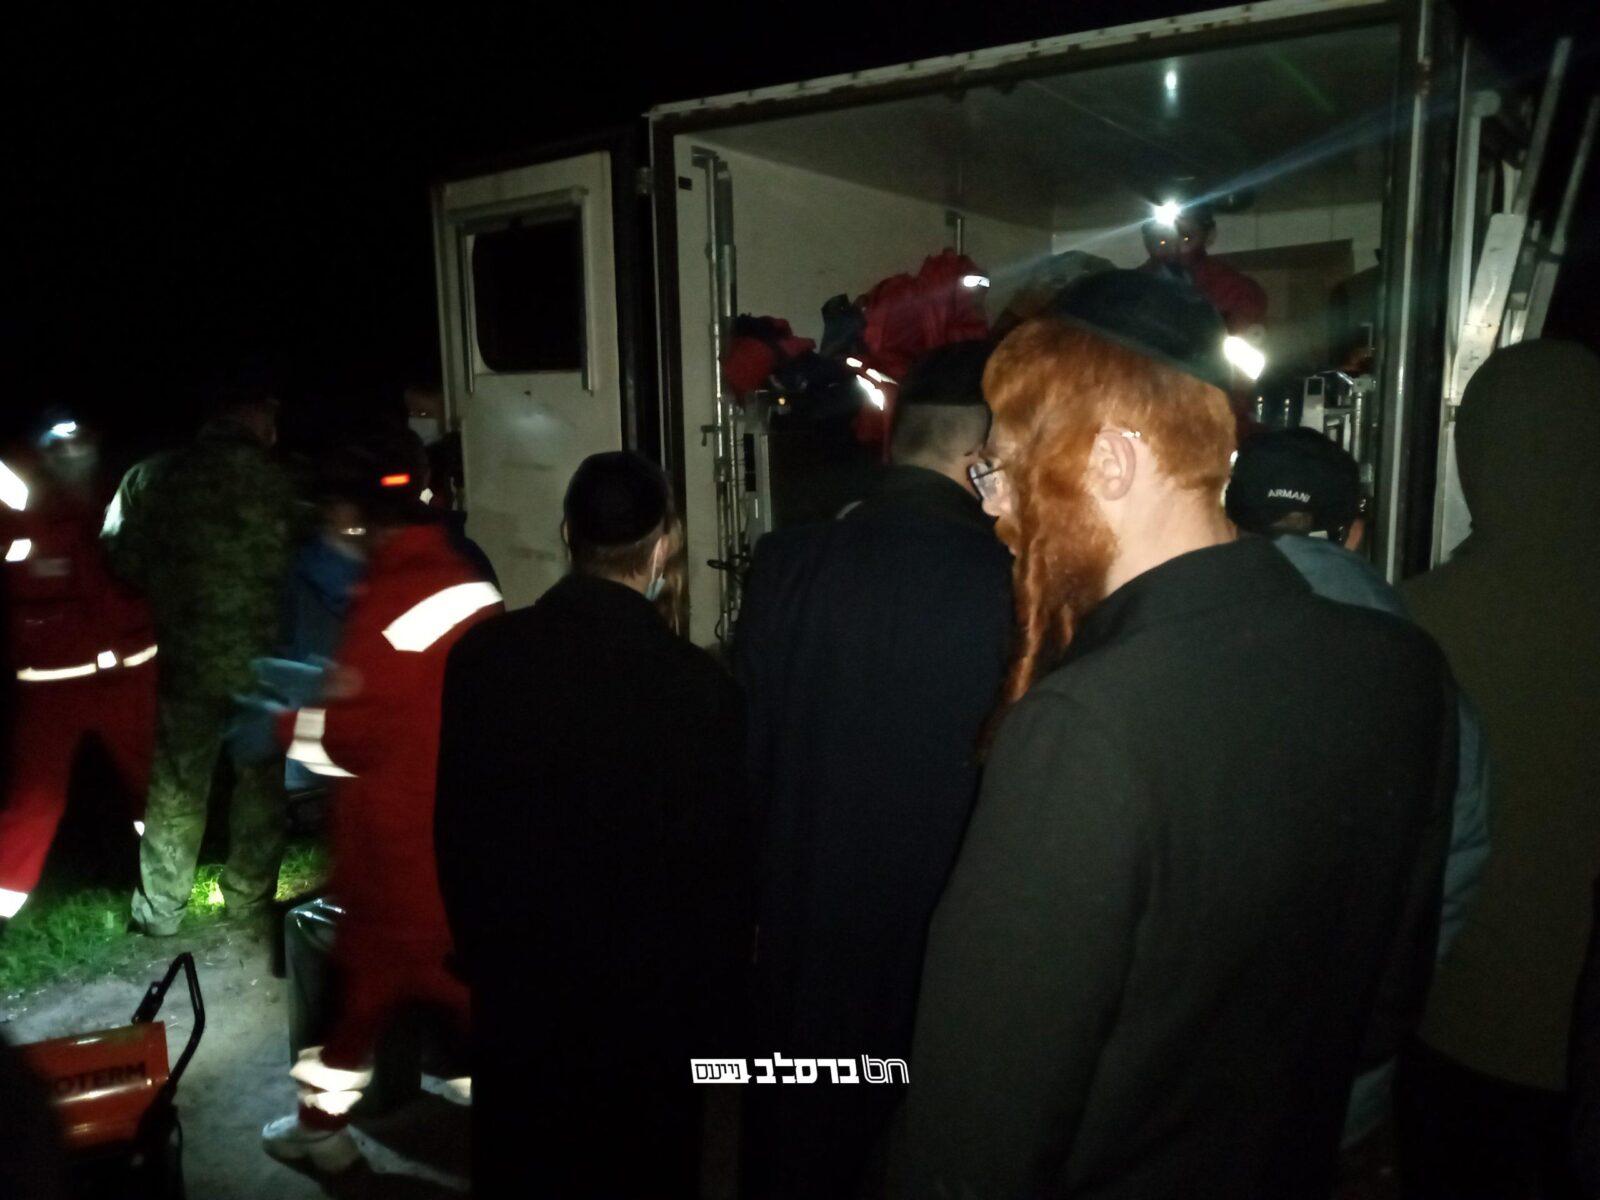 עדכון: ארגון הצלב האדום מגיש סיוע לגולי בלארוס התקועים בגבול המפורז